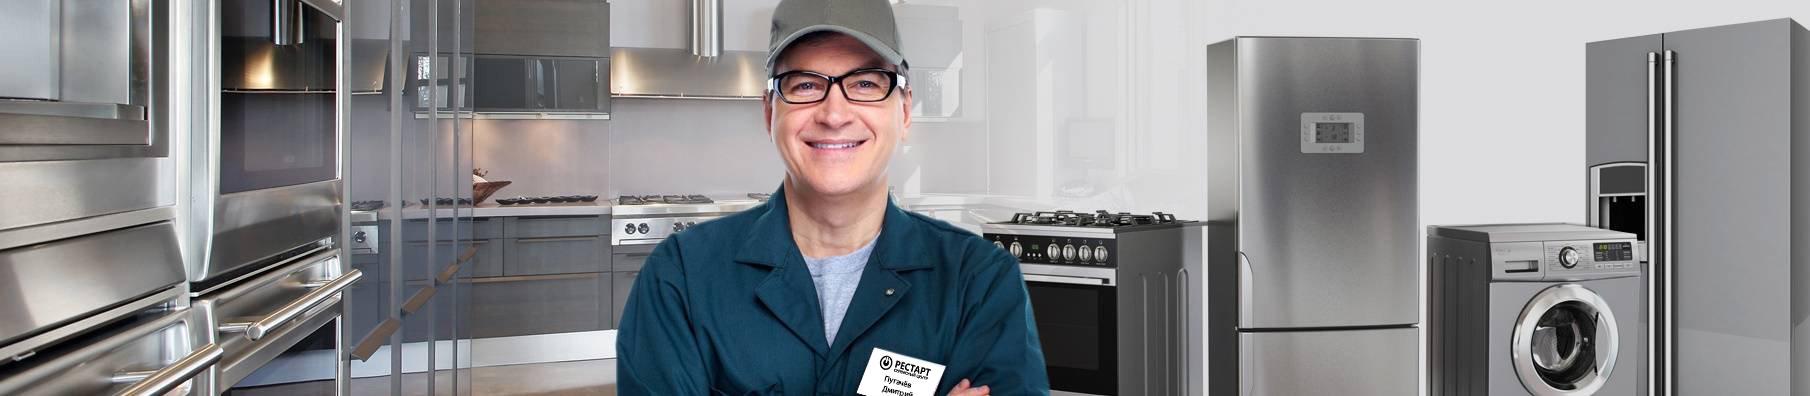 san-francisco-appliance-repair-11_cr.jpg